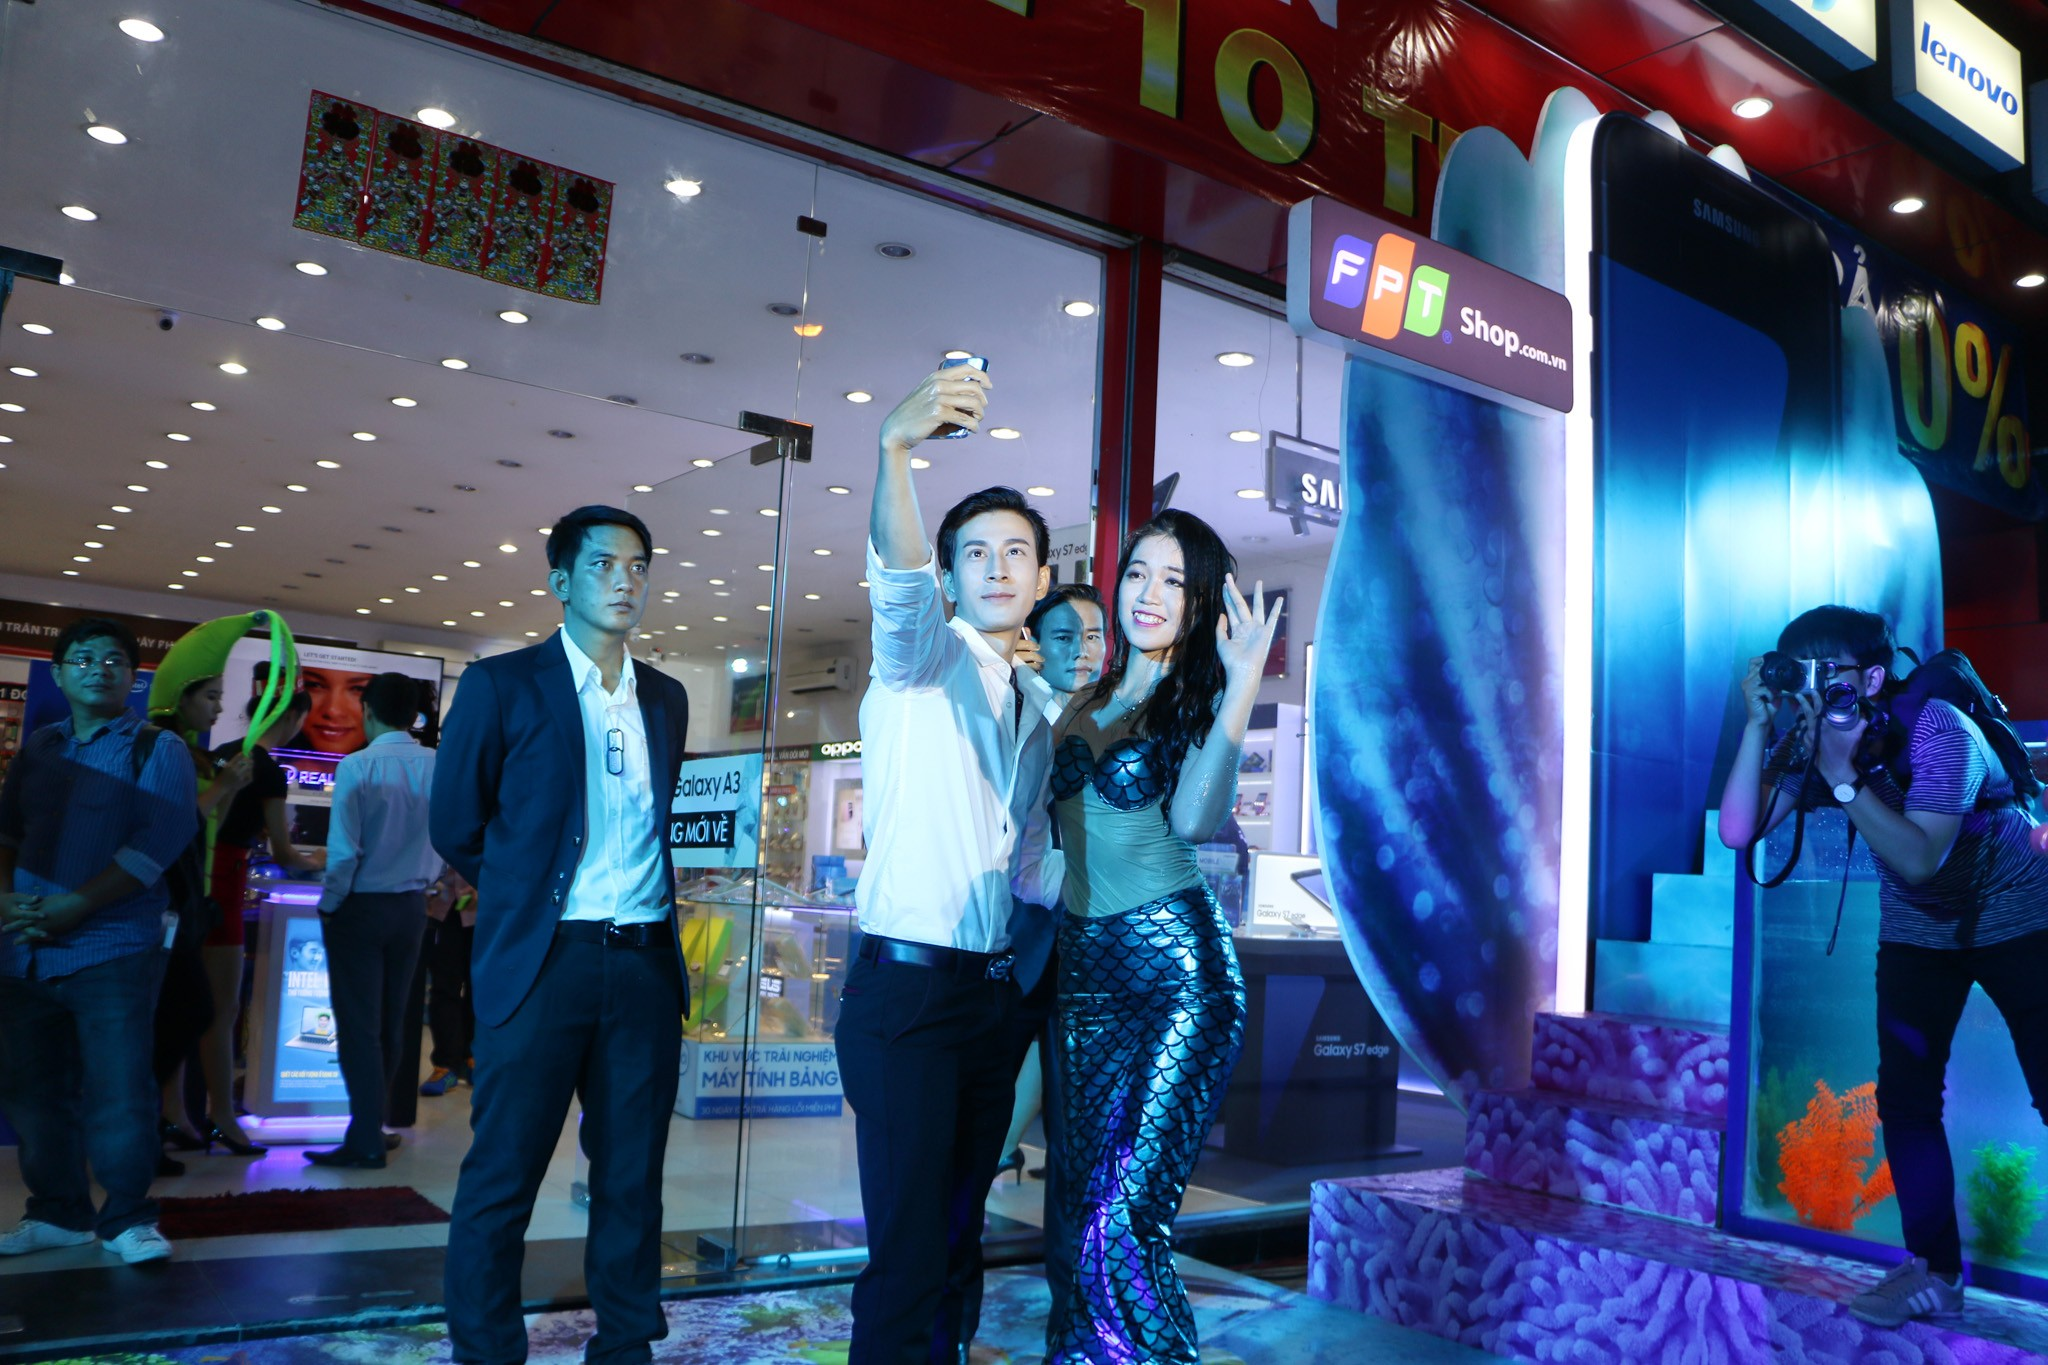 """FPT Shop Unbox S7 MyNhanNgu 5 - Tưng bừng sự kiện """"bóc tem"""" Galaxy S7 cùng Mỹ Nhân Ngư tại FPT Shop"""